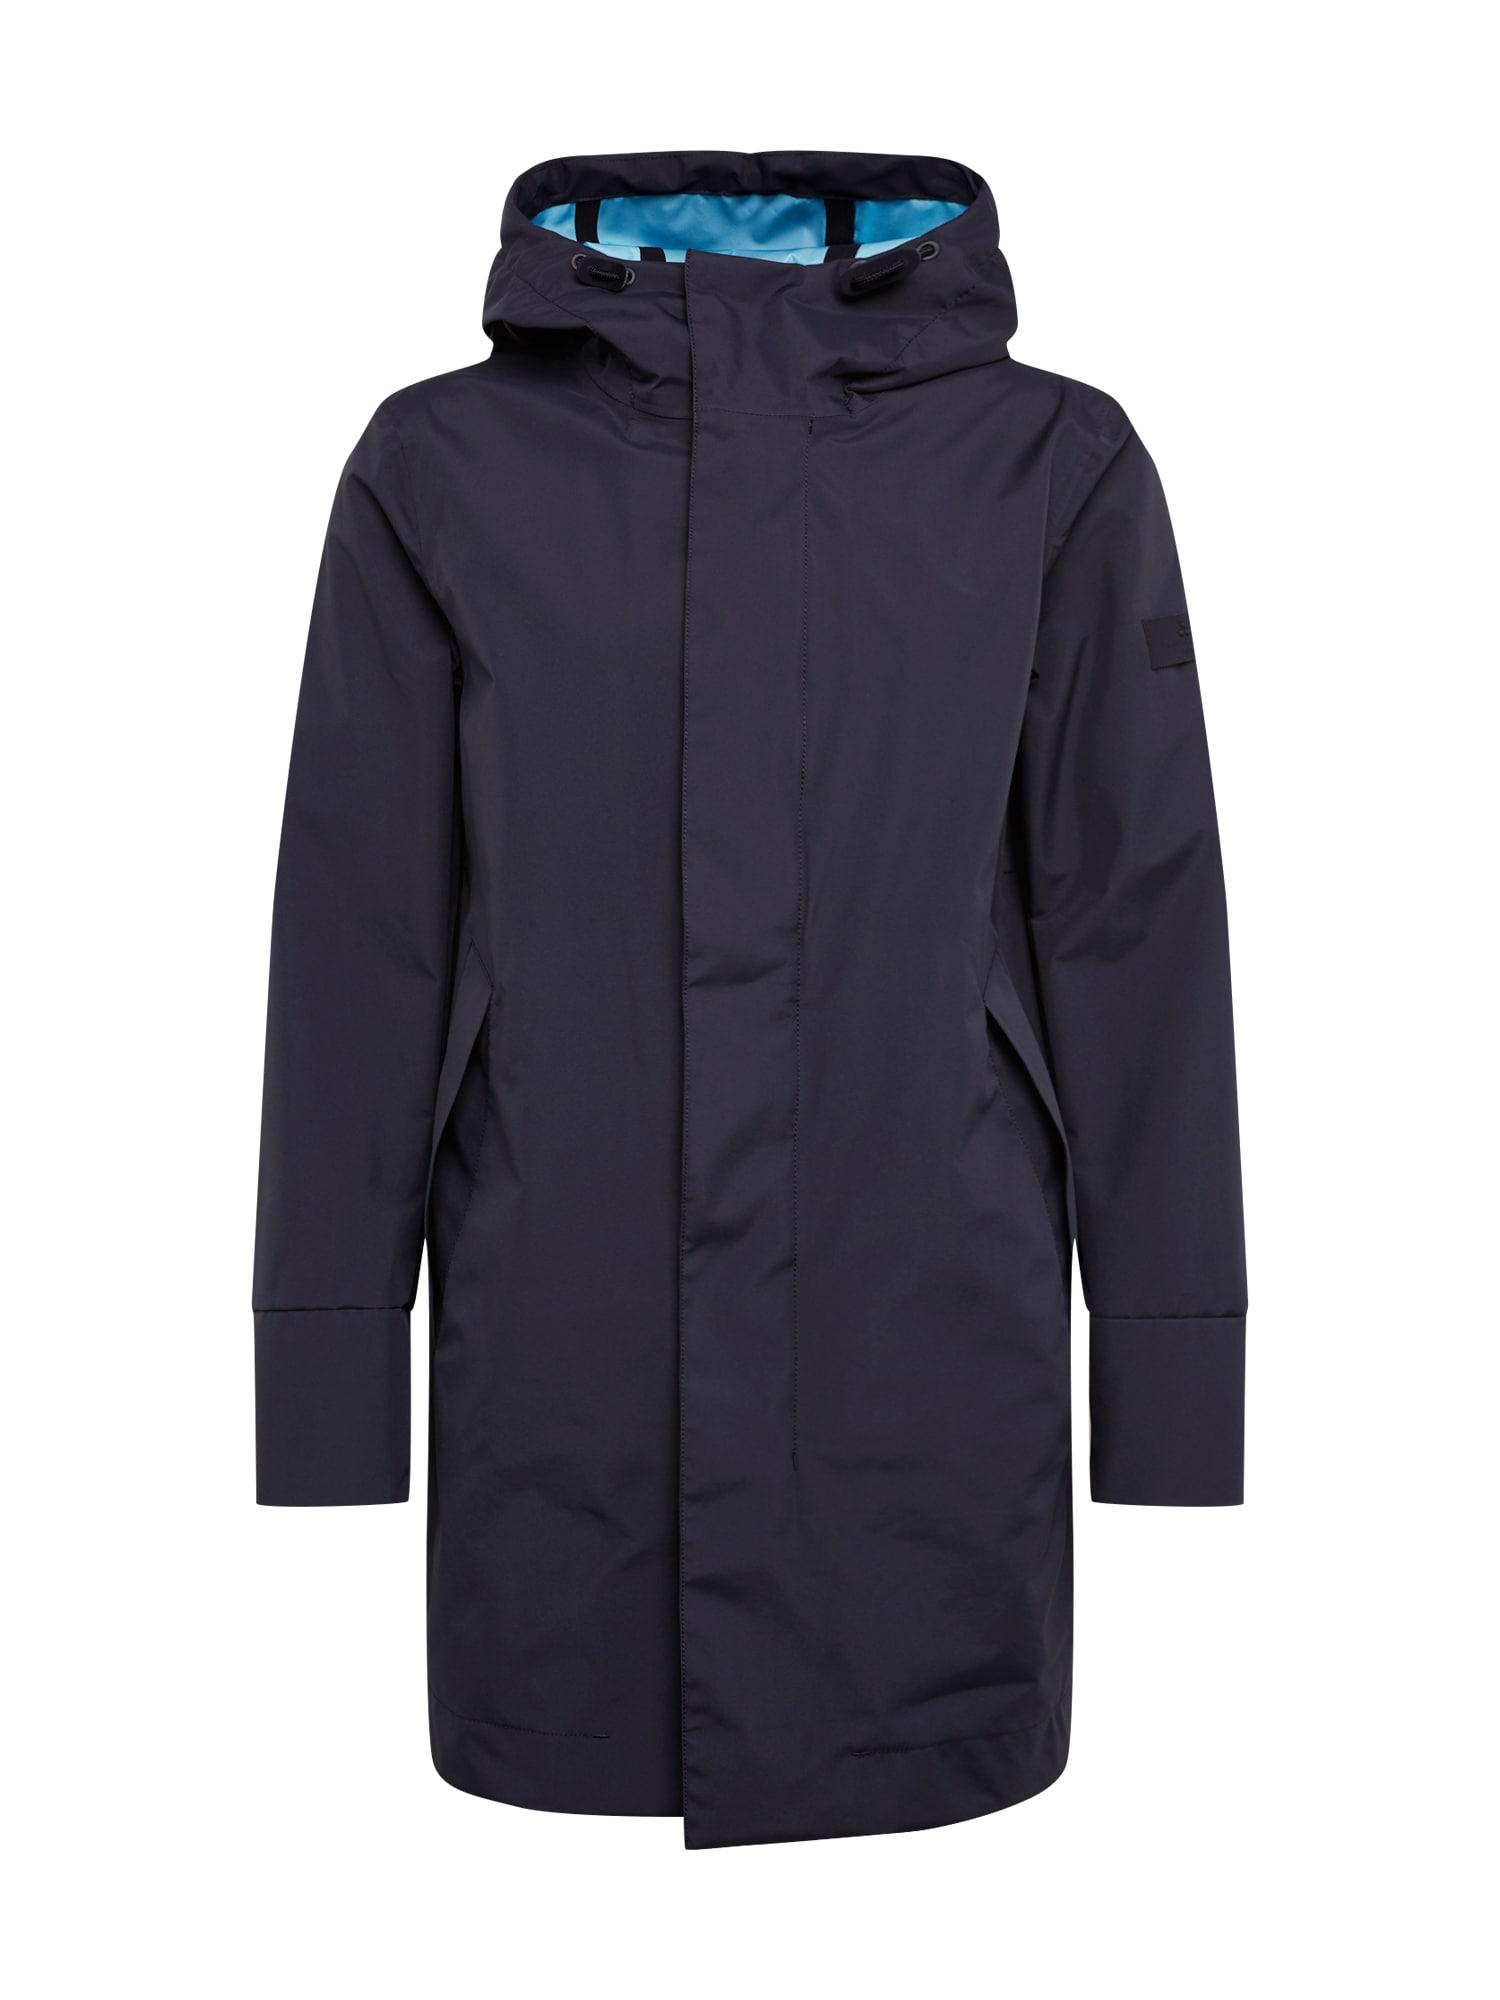 Peuterey Rudeninis-žieminis paltas 'Mc Ginnes DRP' tamsiai mėlyna